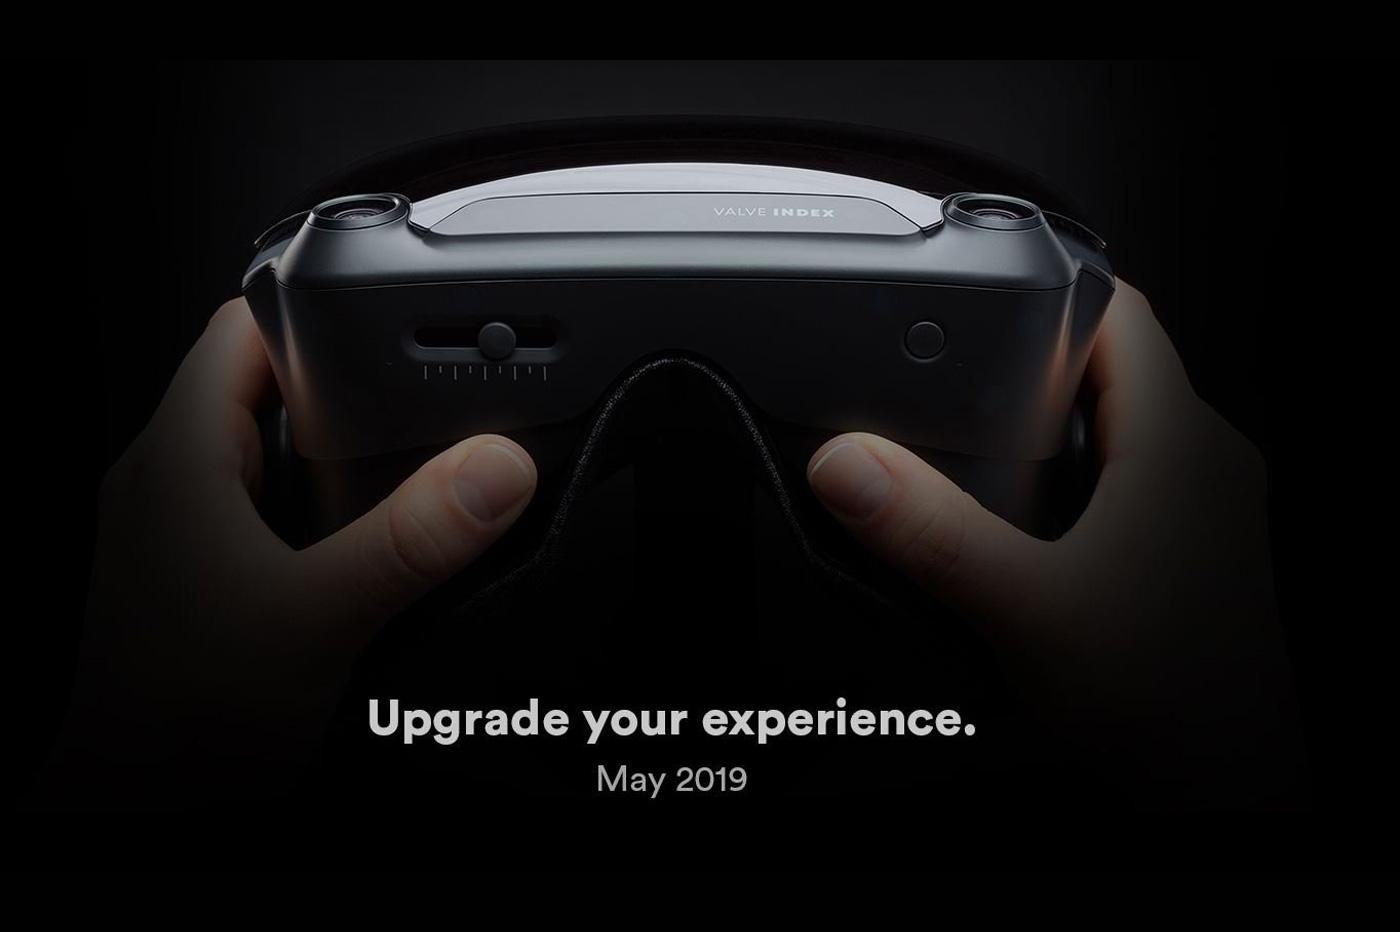 Valve-Index